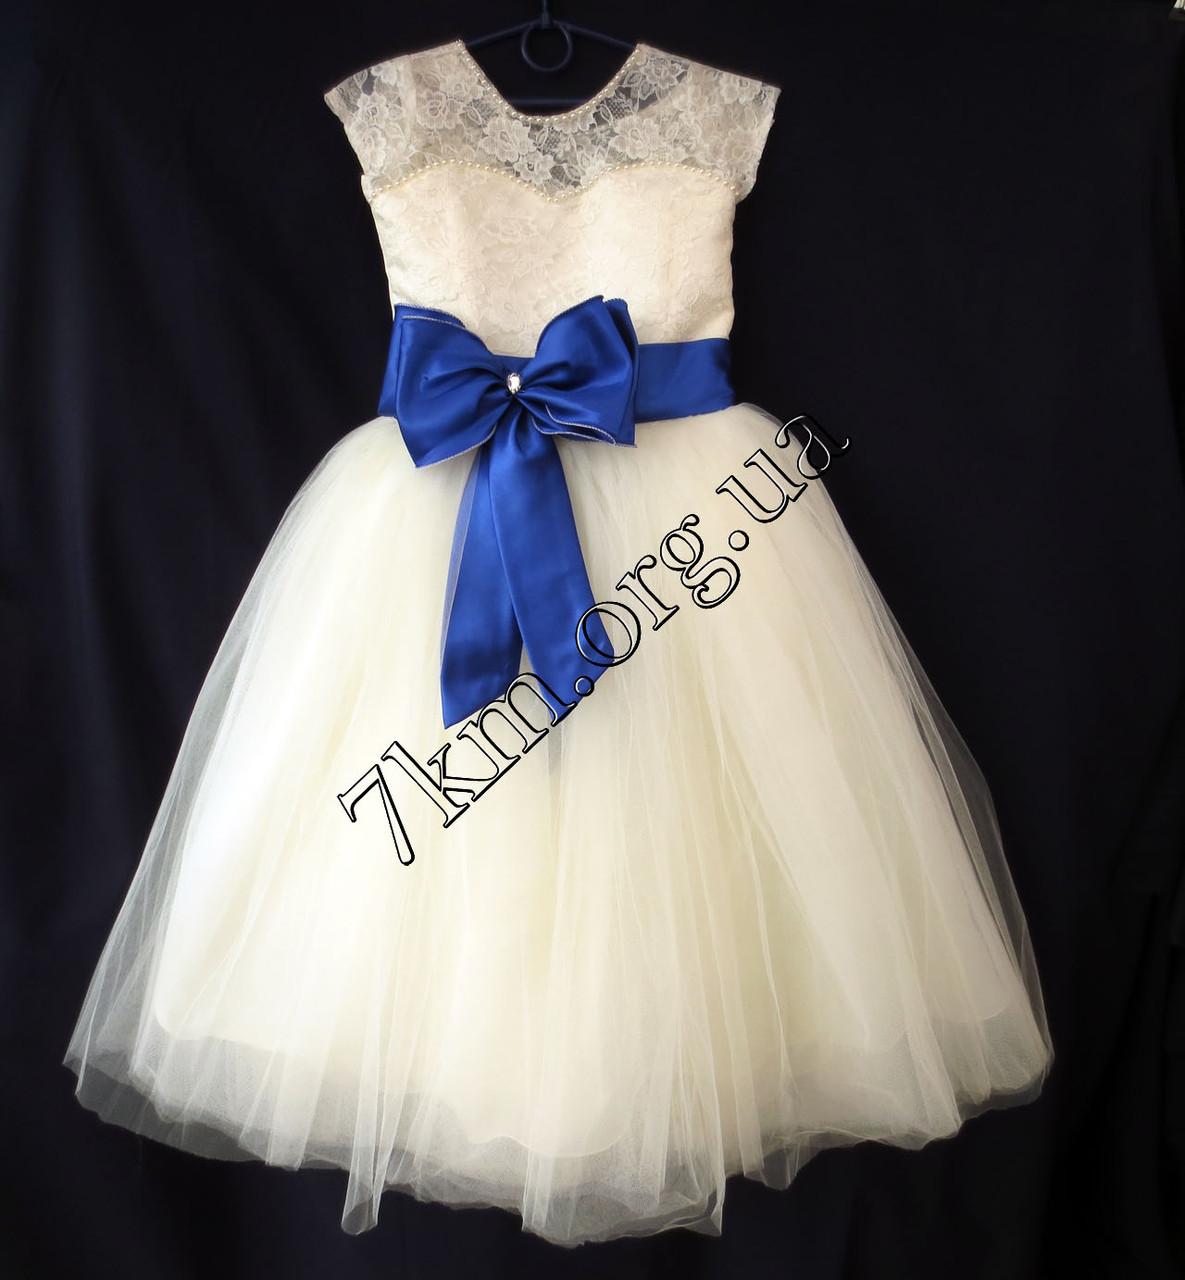 Платье нарядное бальное детское 6-7 лет Бант синий Украина оптом.